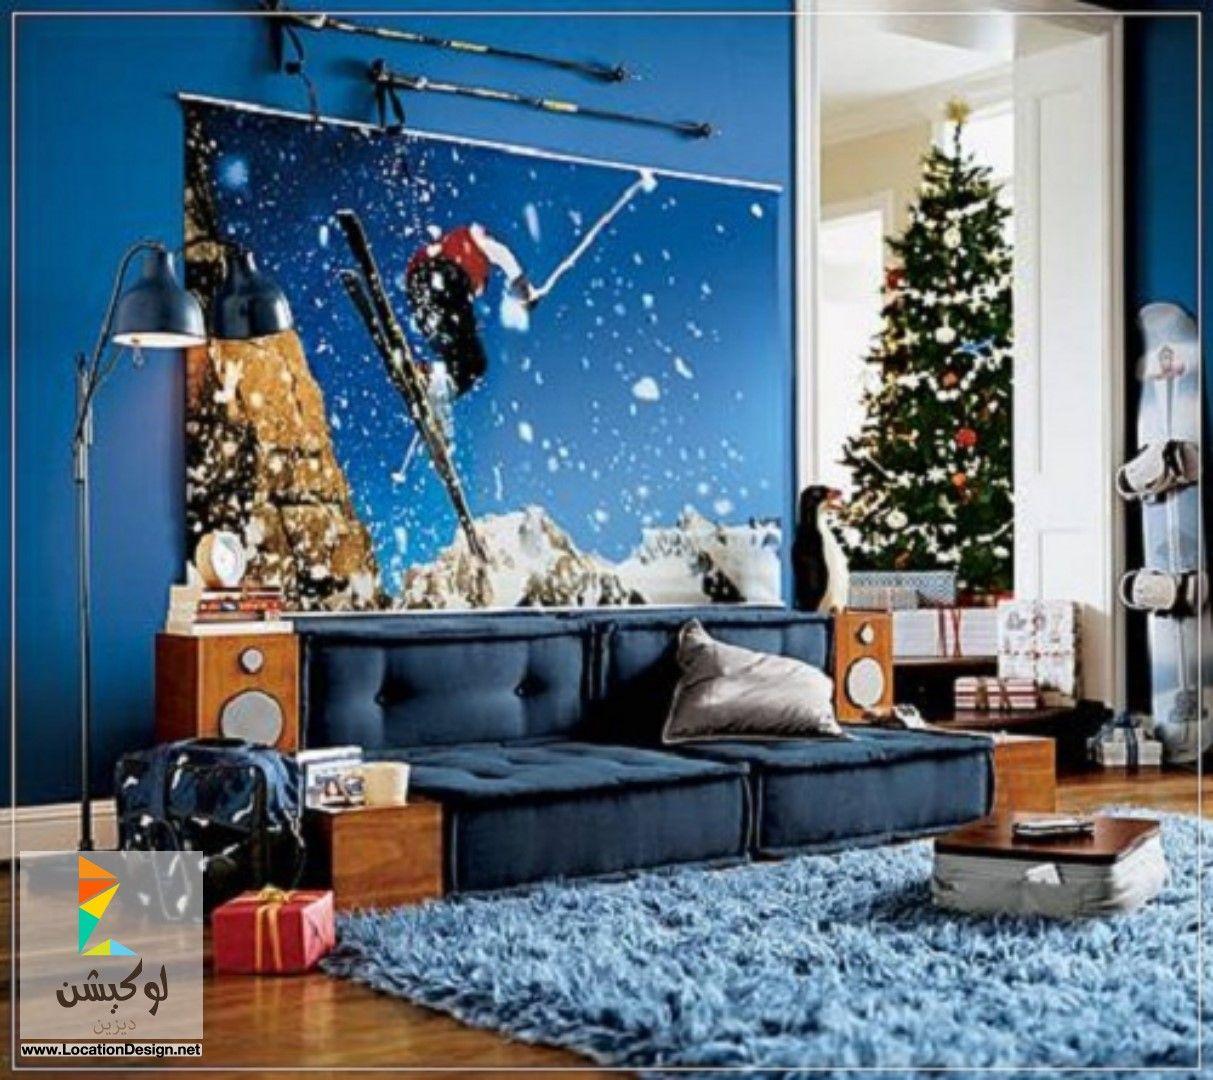 جلسات ارضية بسيطه 2015 Home Decor Decor Furniture